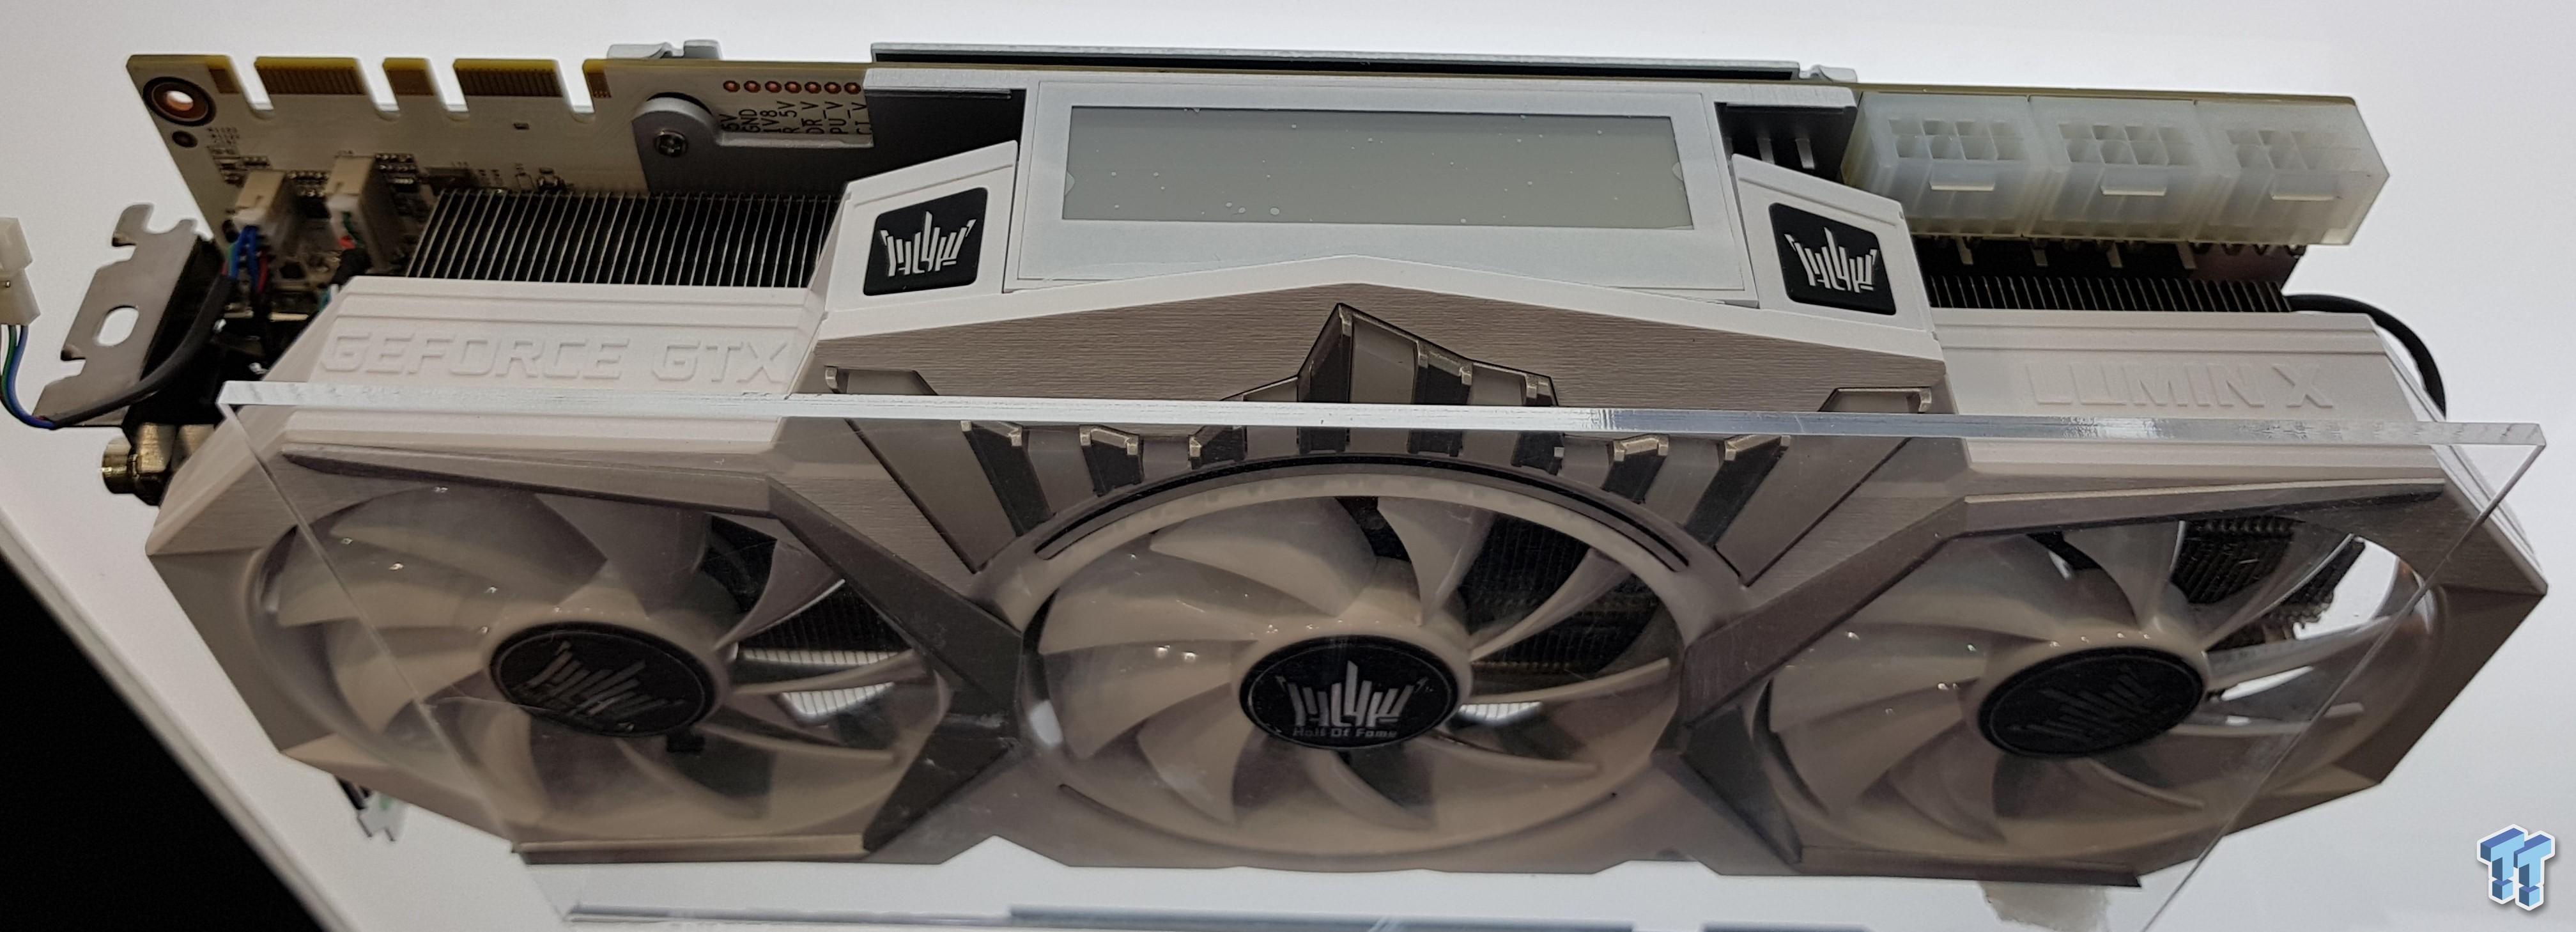 GALAX GeForce GTX 1080 Ti HOF Limited Edition detailed: GALAX GeForce GTX 1080  Ti HOF